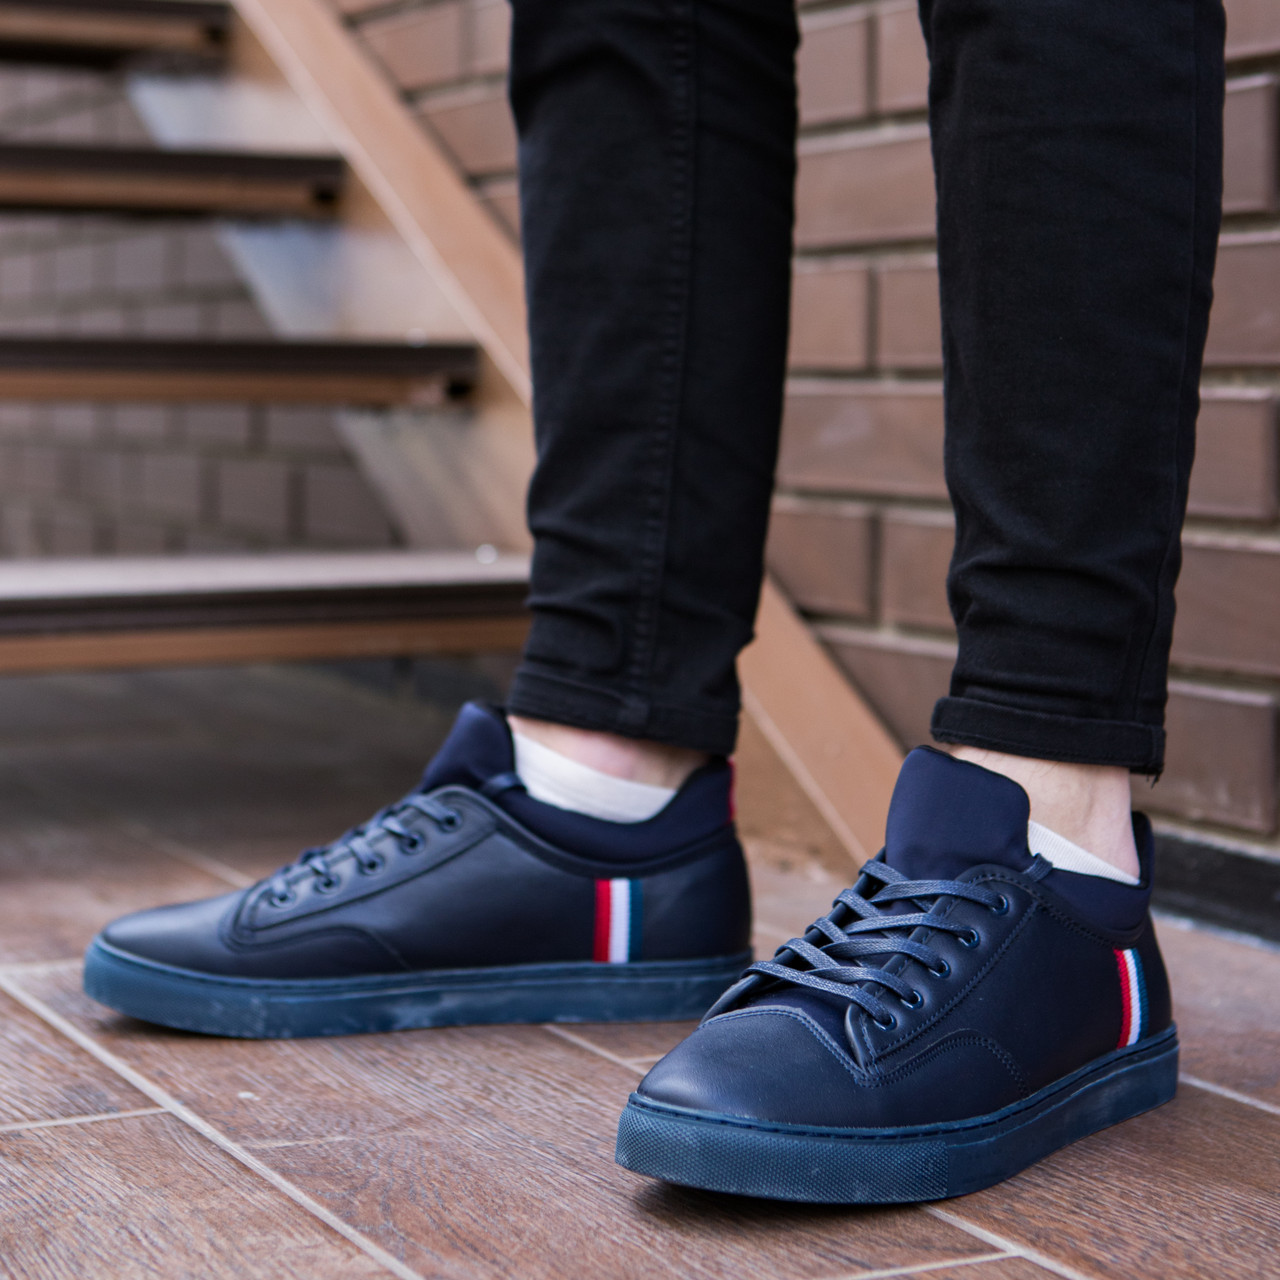 Кросівки чоловічі Armani сині. Стильні чоловічі кросівки Армані темно-синього кольору.